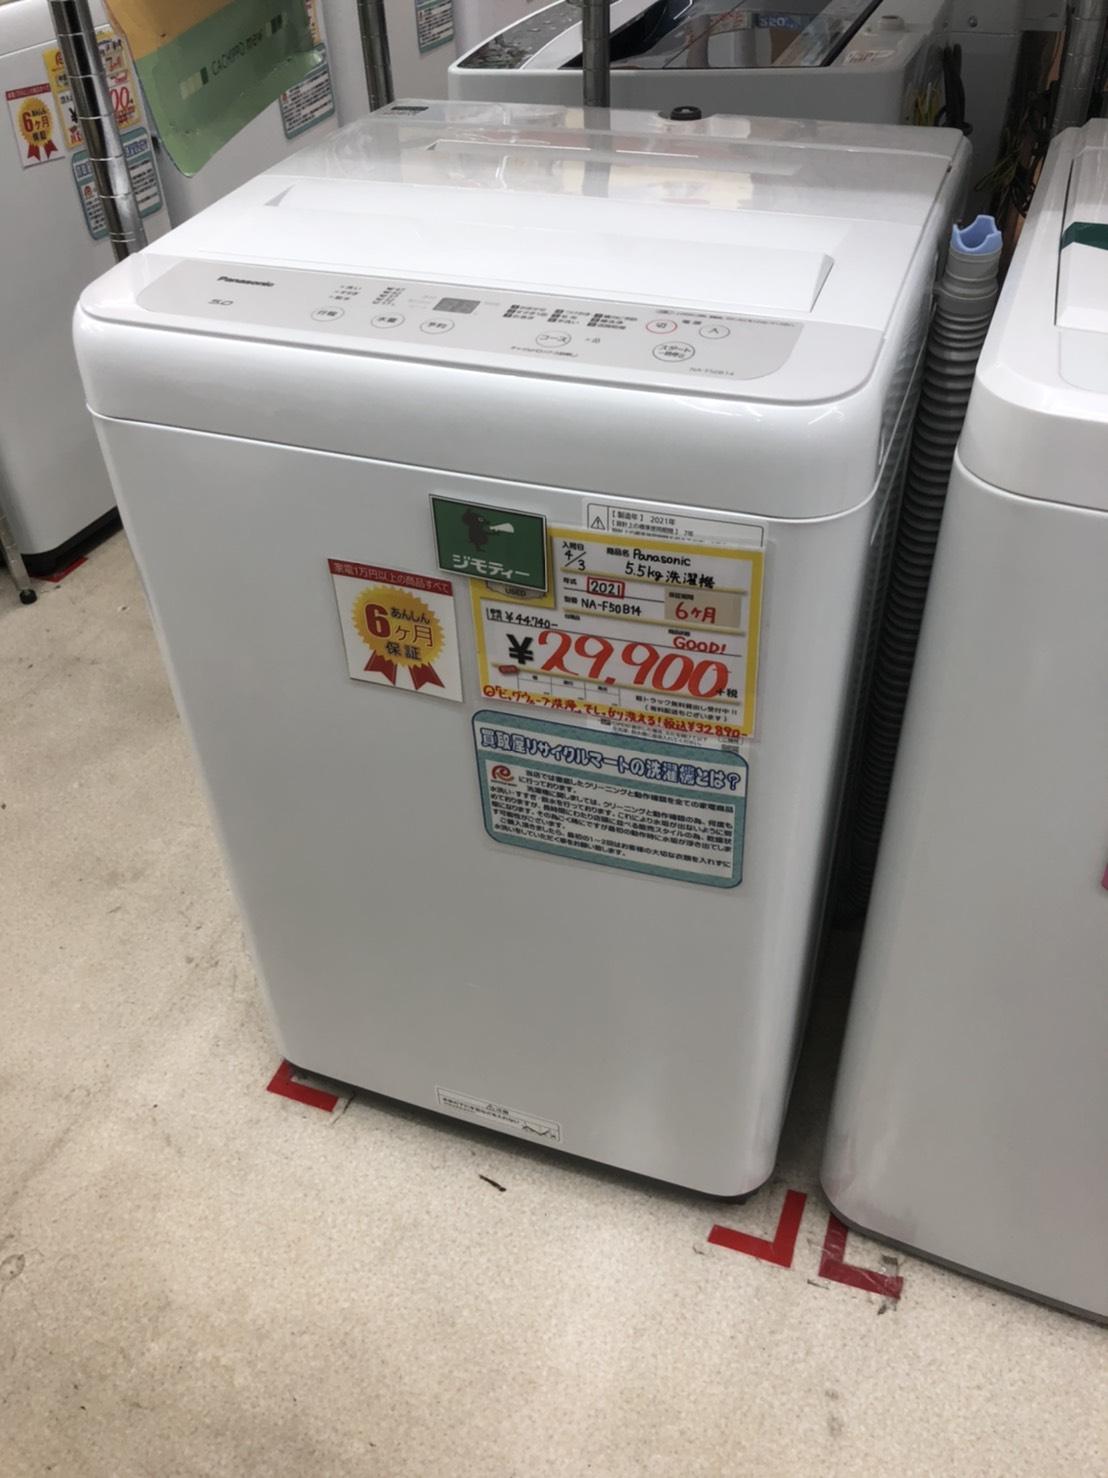 パナソニック PANASONIC 2021年製 5kg 全自動洗濯機  NA-F50B14 コンパクト  簡易乾燥機能付 送風乾燥 をお買取りさせて頂きました!!の買取-